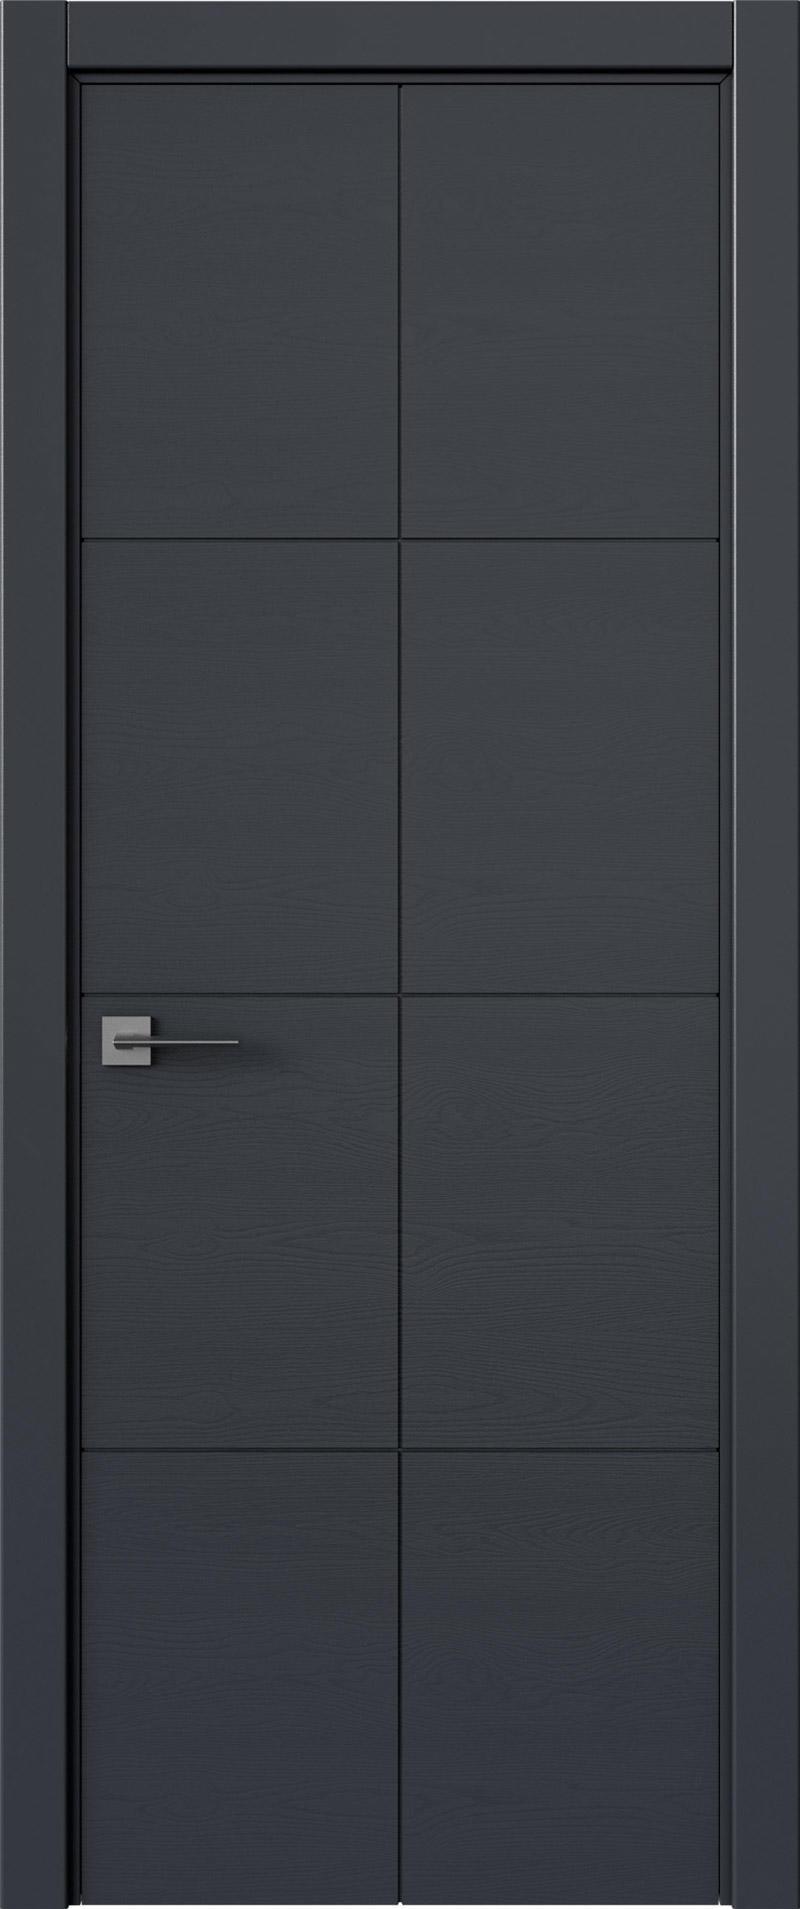 Tivoli Л-2 цвет - Графитово-серая эмаль по шпону (RAL 7024) Без стекла (ДГ)